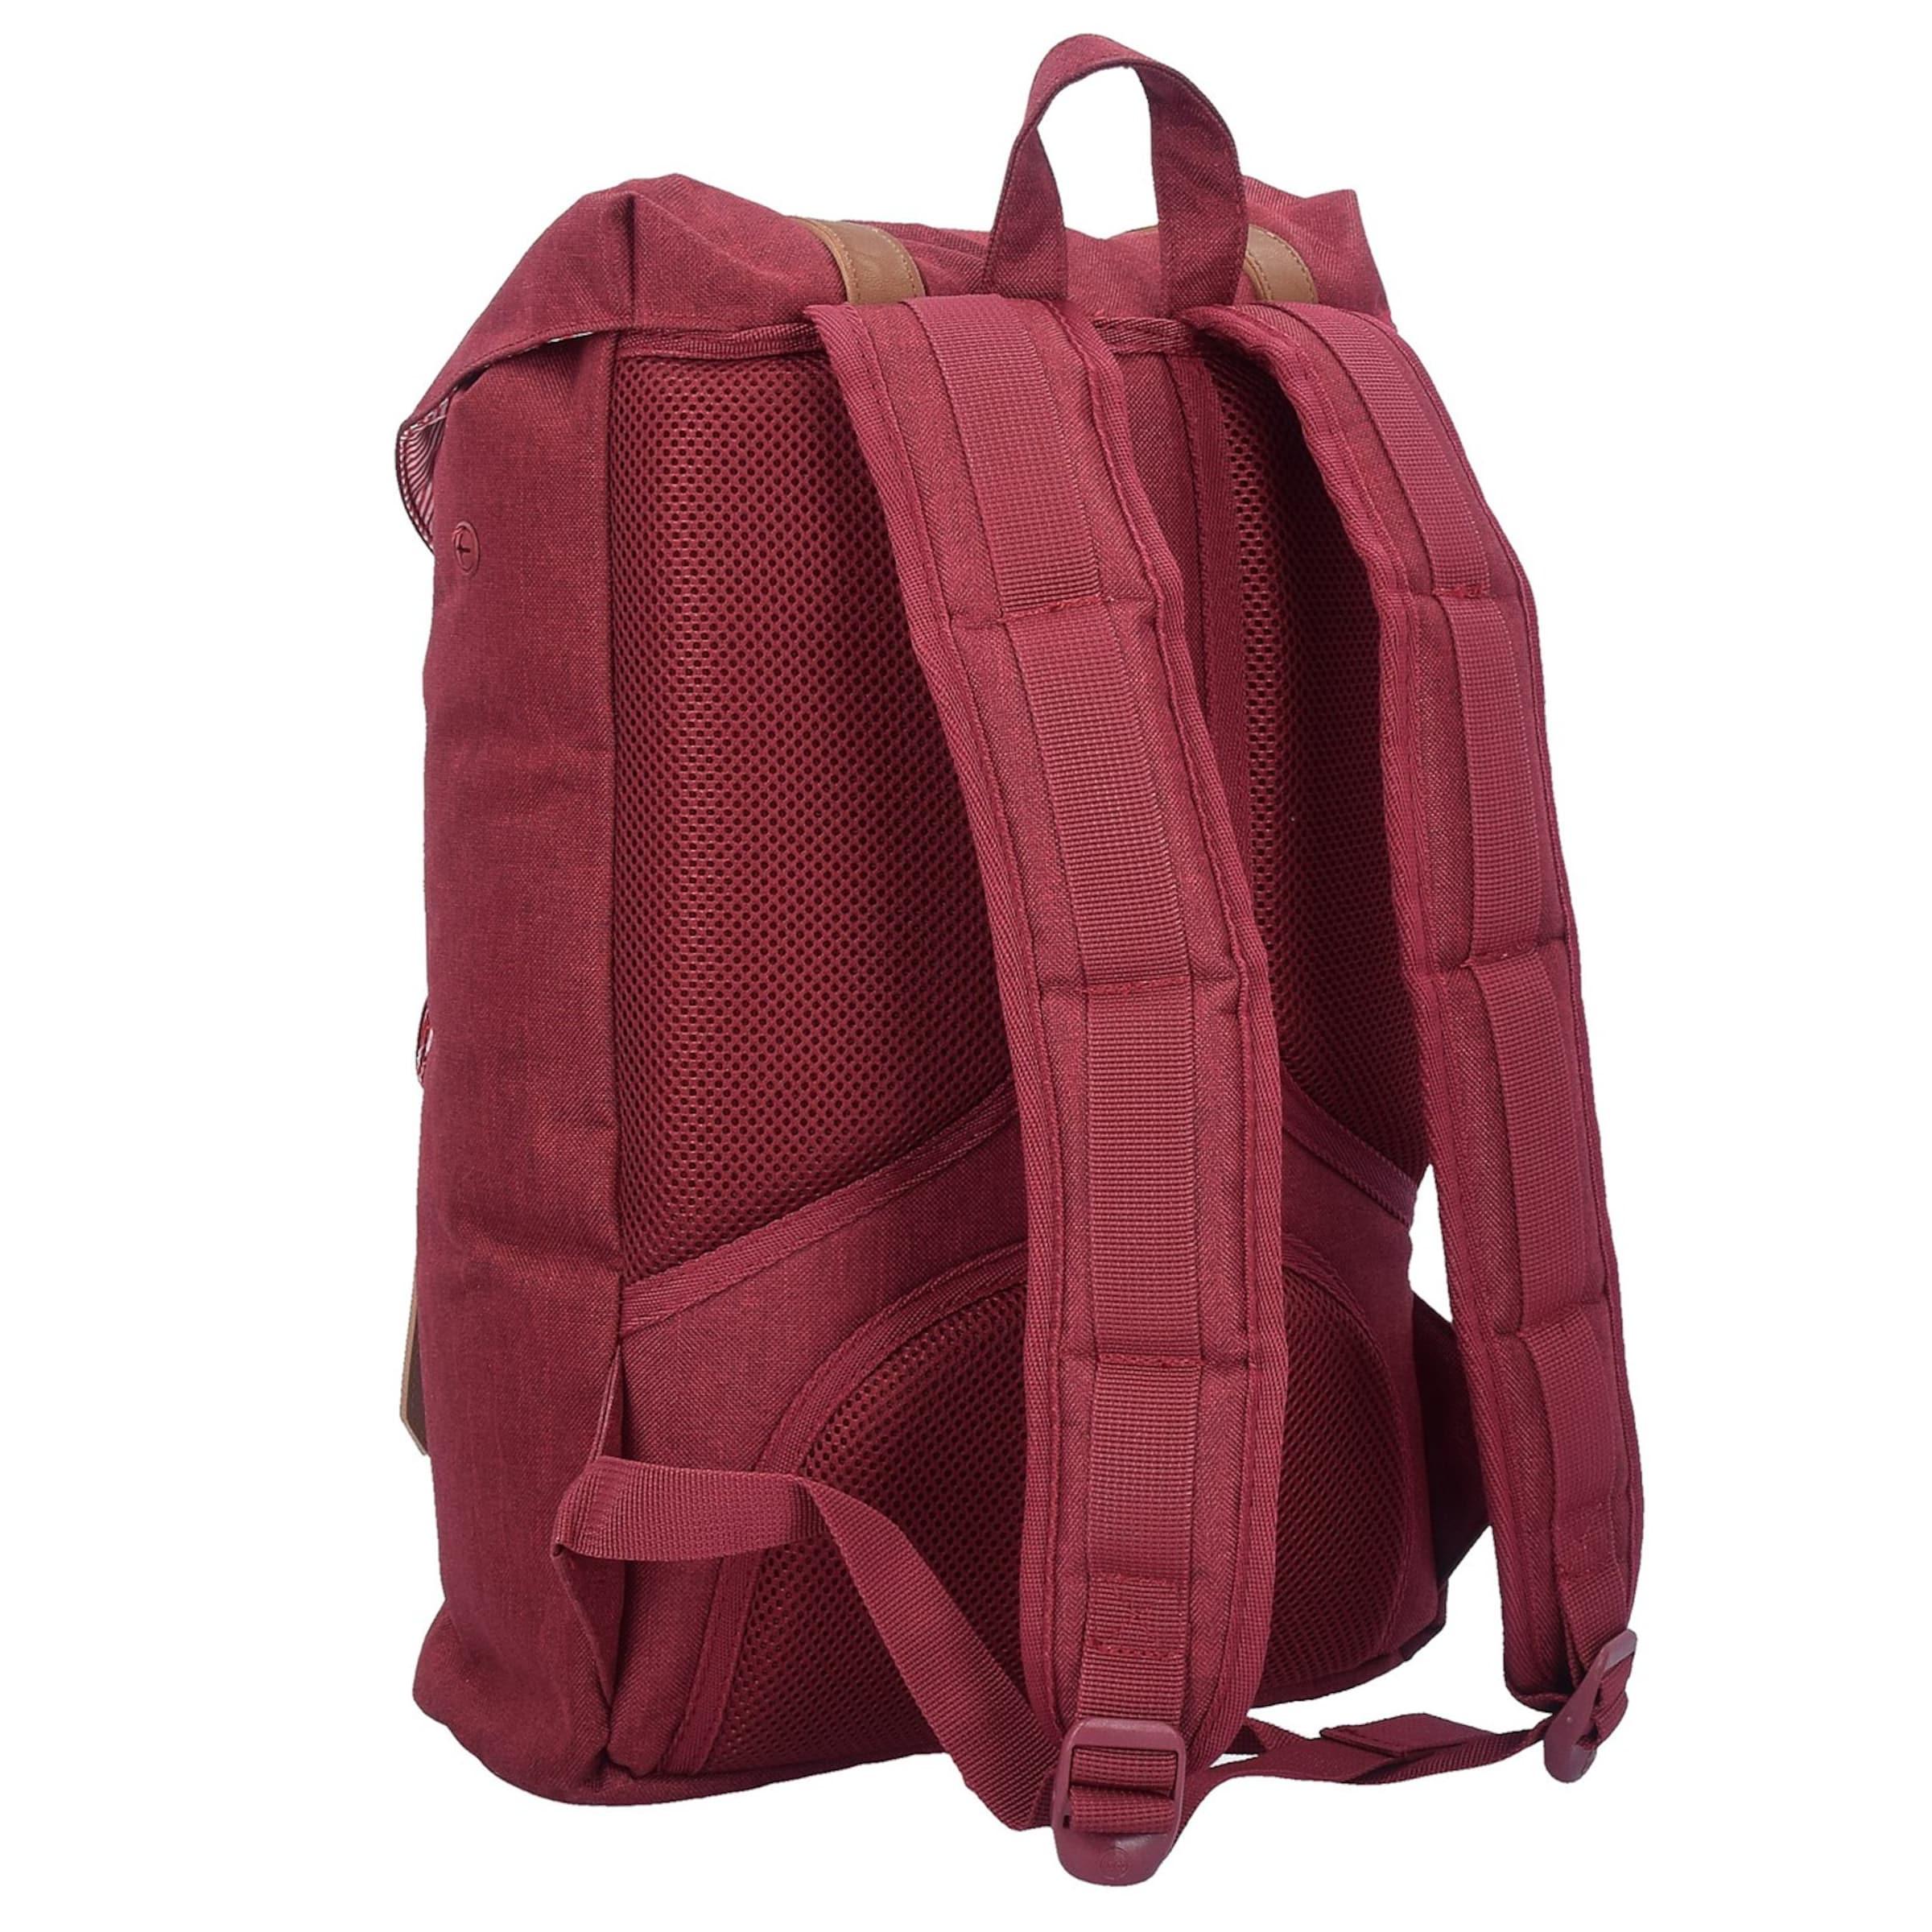 Herschel 'Little America 17 Mid Volume' Backpack Rucksack Kühl Einkaufen Billig Zu Kaufen Freies Verschiffen Nagelneues Unisex Footlocker Finish Günstiger Preis OeLZDwmTw0